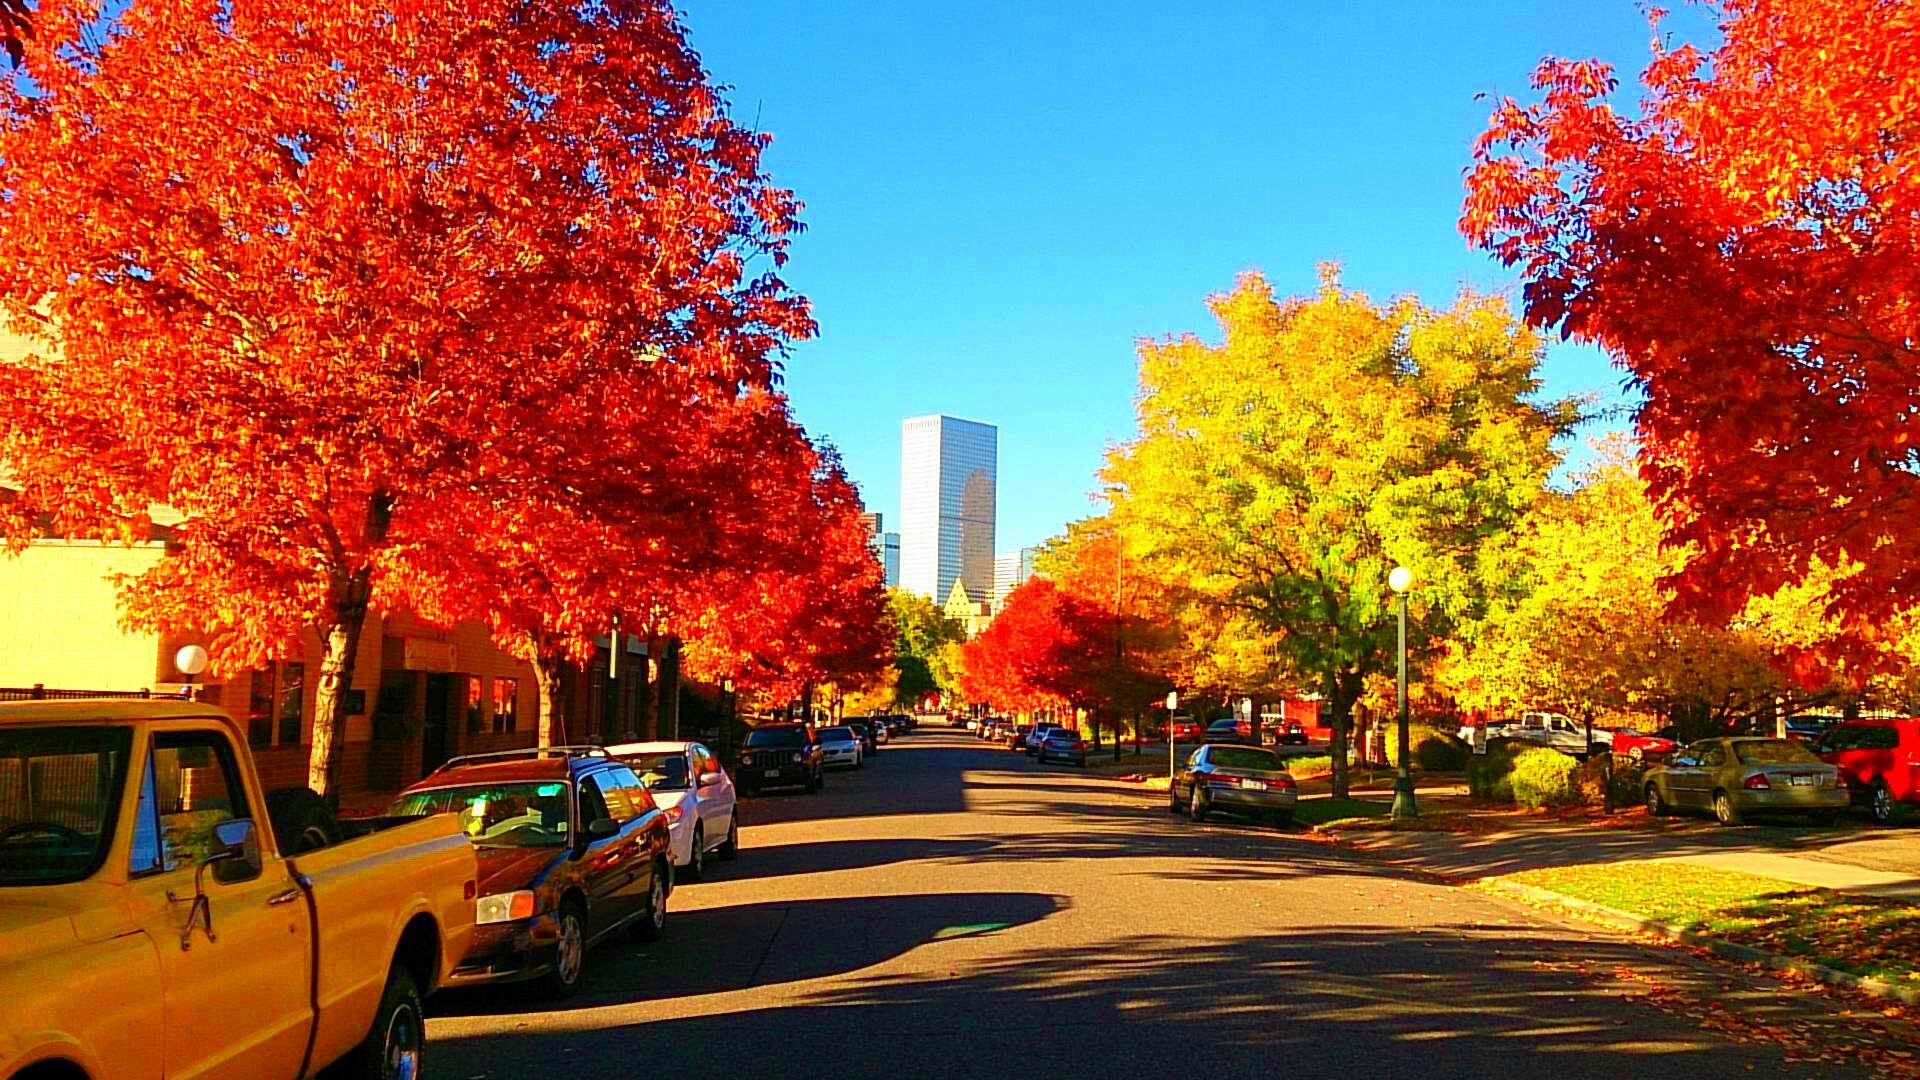 A Golden Triangle Fall. An Urban Denver Photograph By Heather Somerville. #denve #liveurbandenver #denvervibe